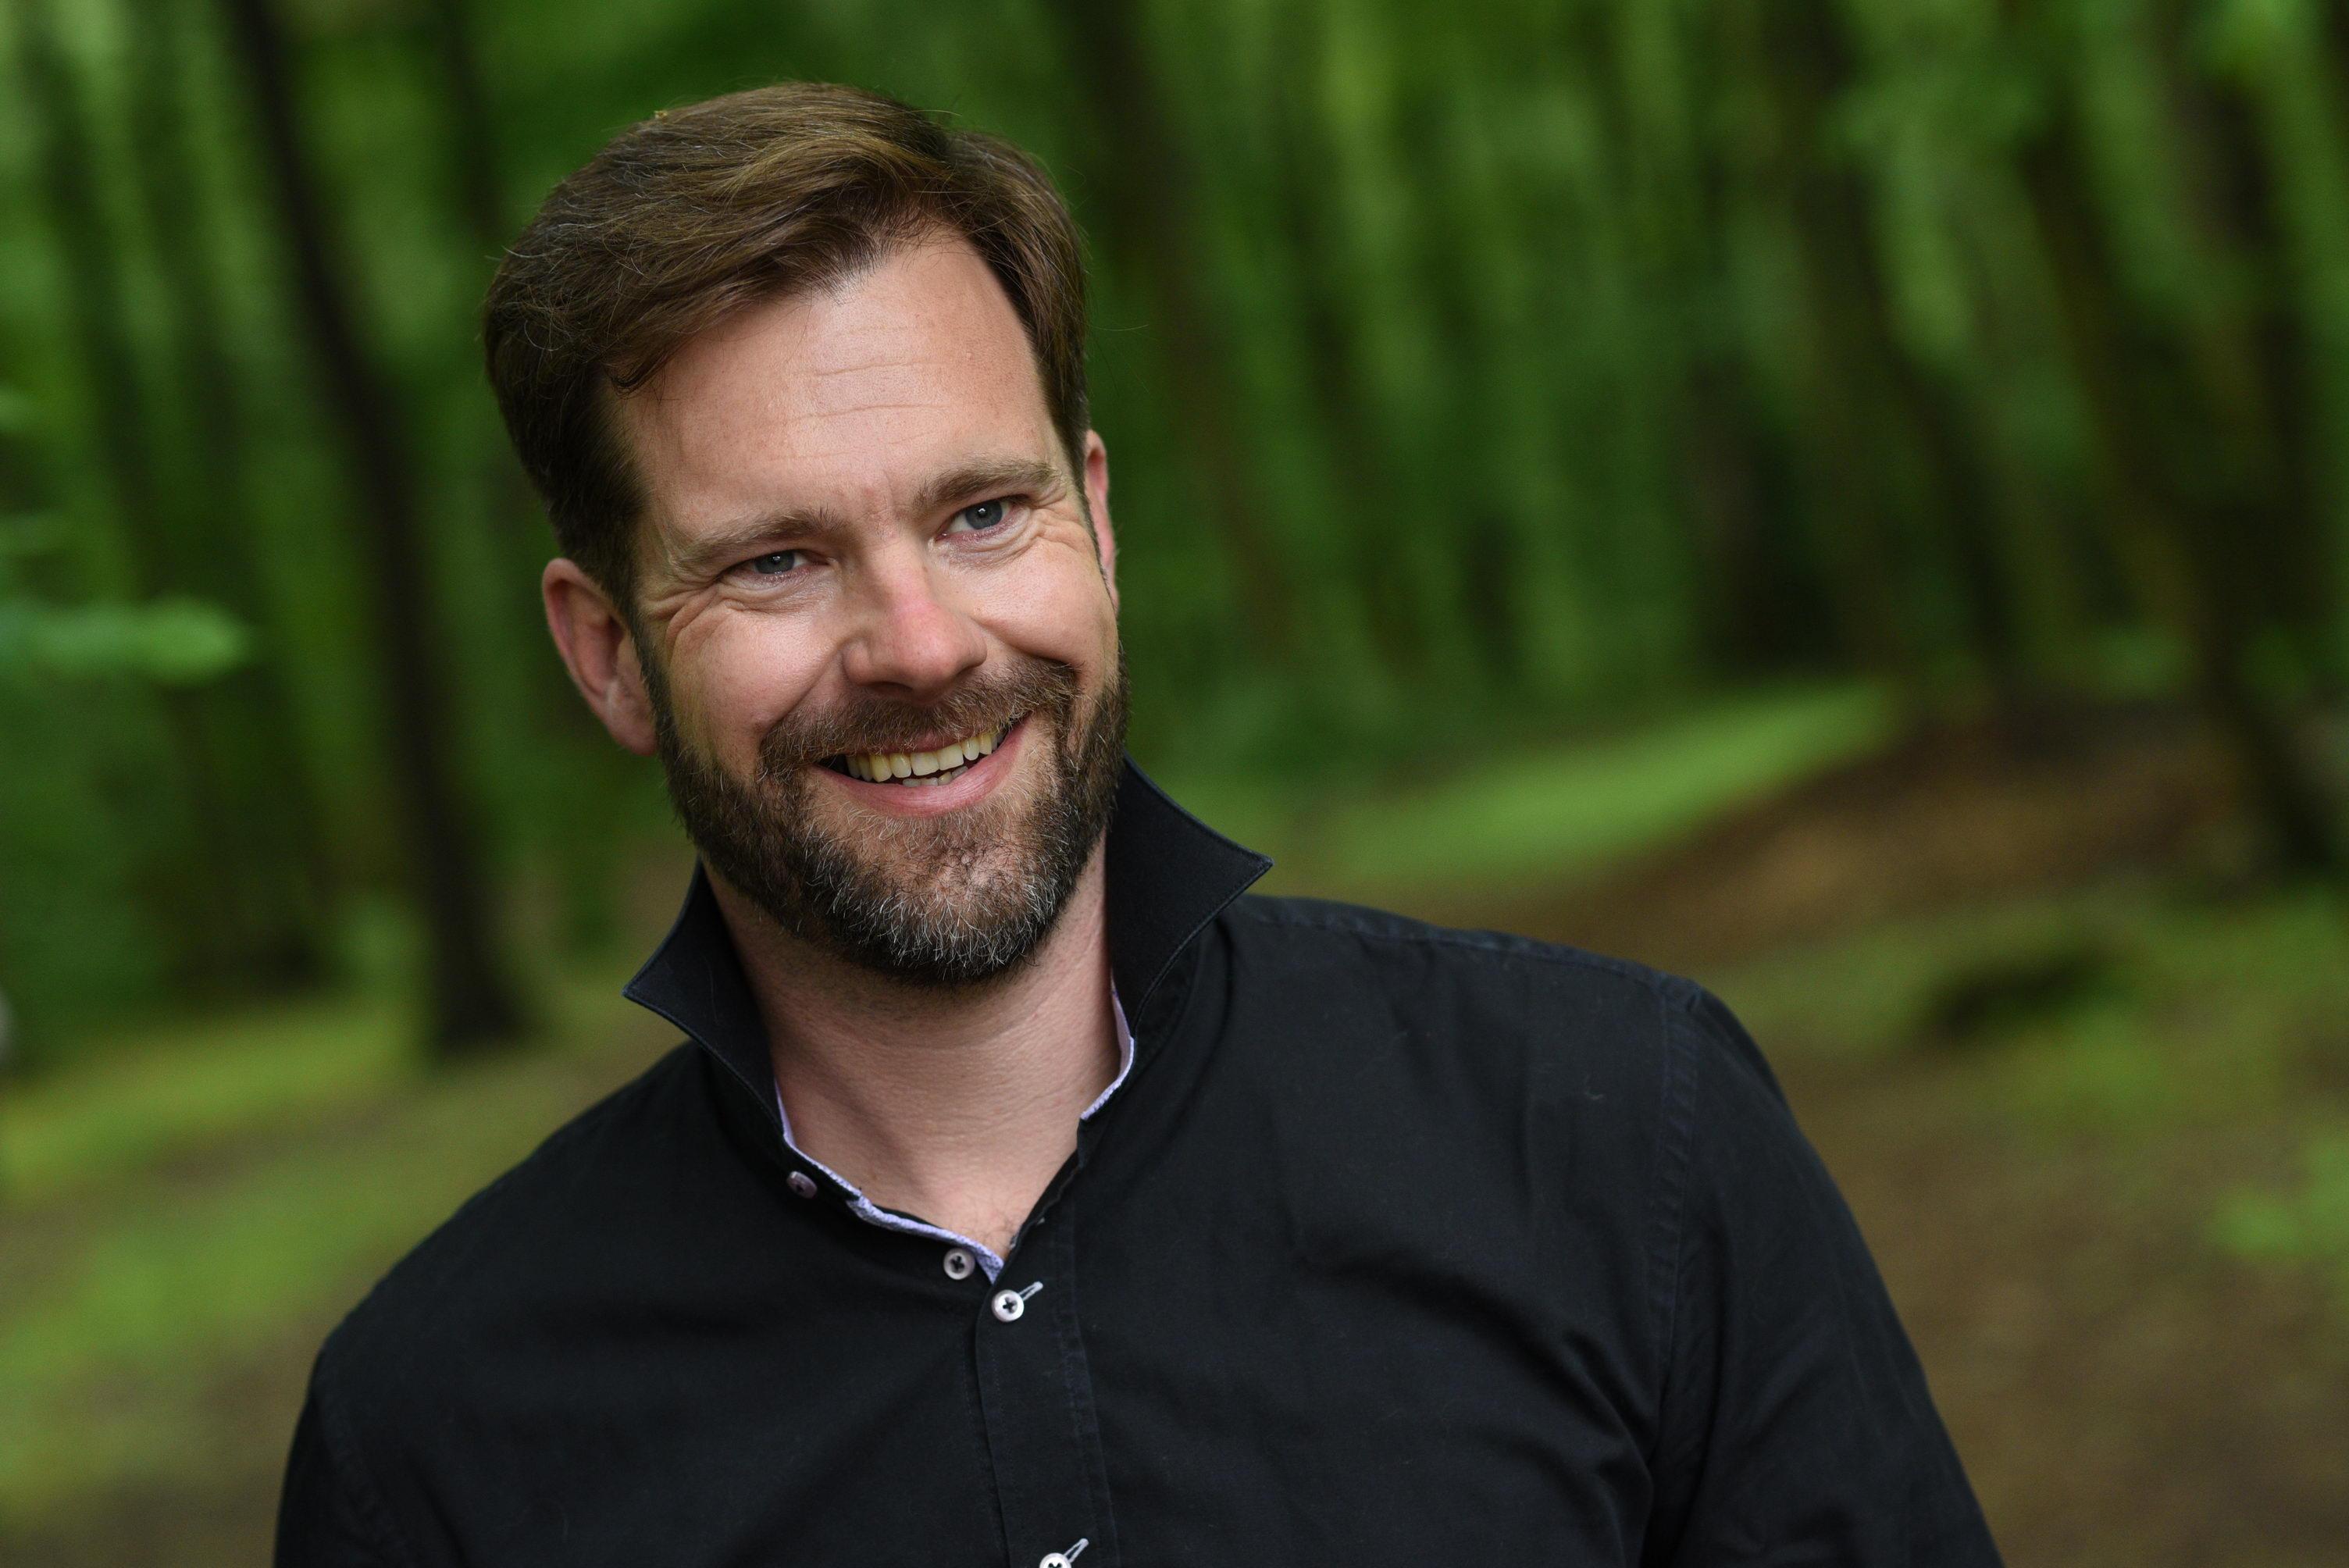 Justin Svoboda